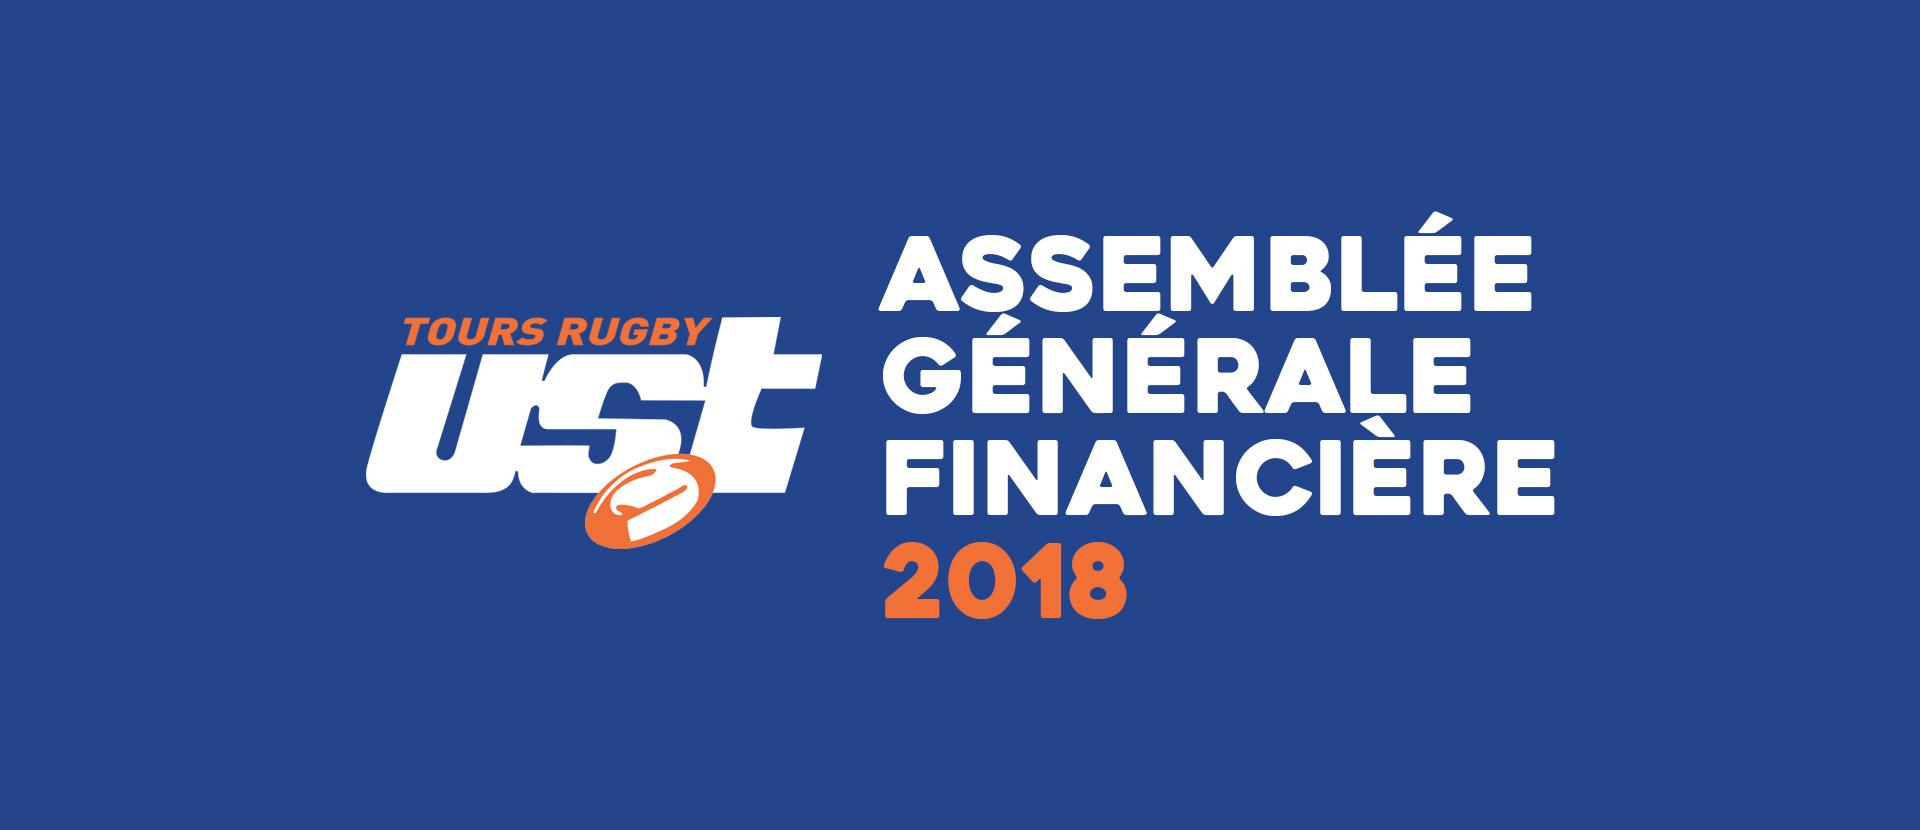 SAVE THE DATE : Assemblée Générale Financière le 8 octobre 2018